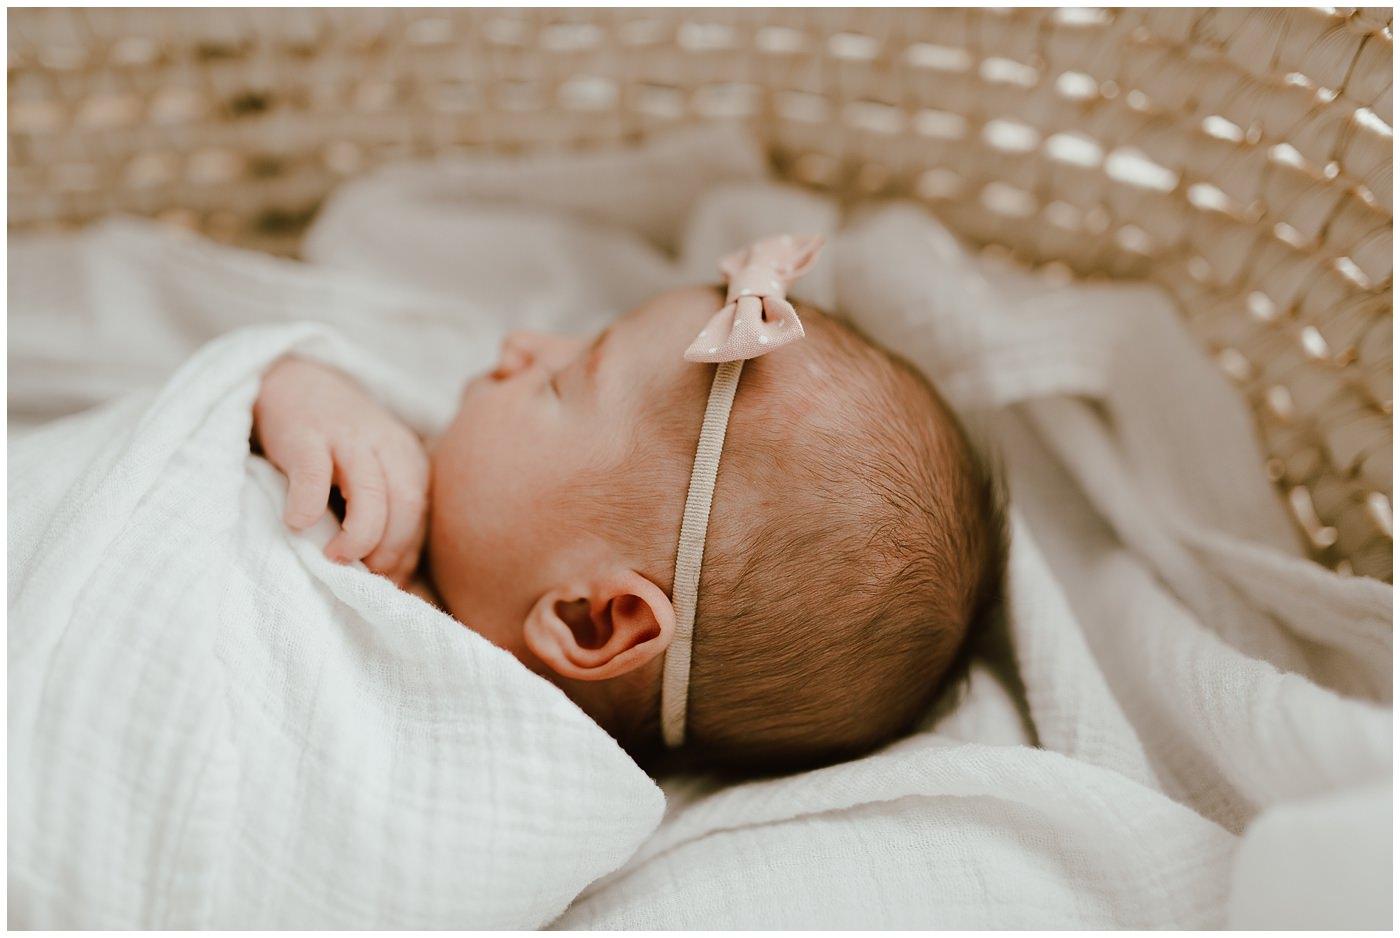 Steinbach Newborn Photographer